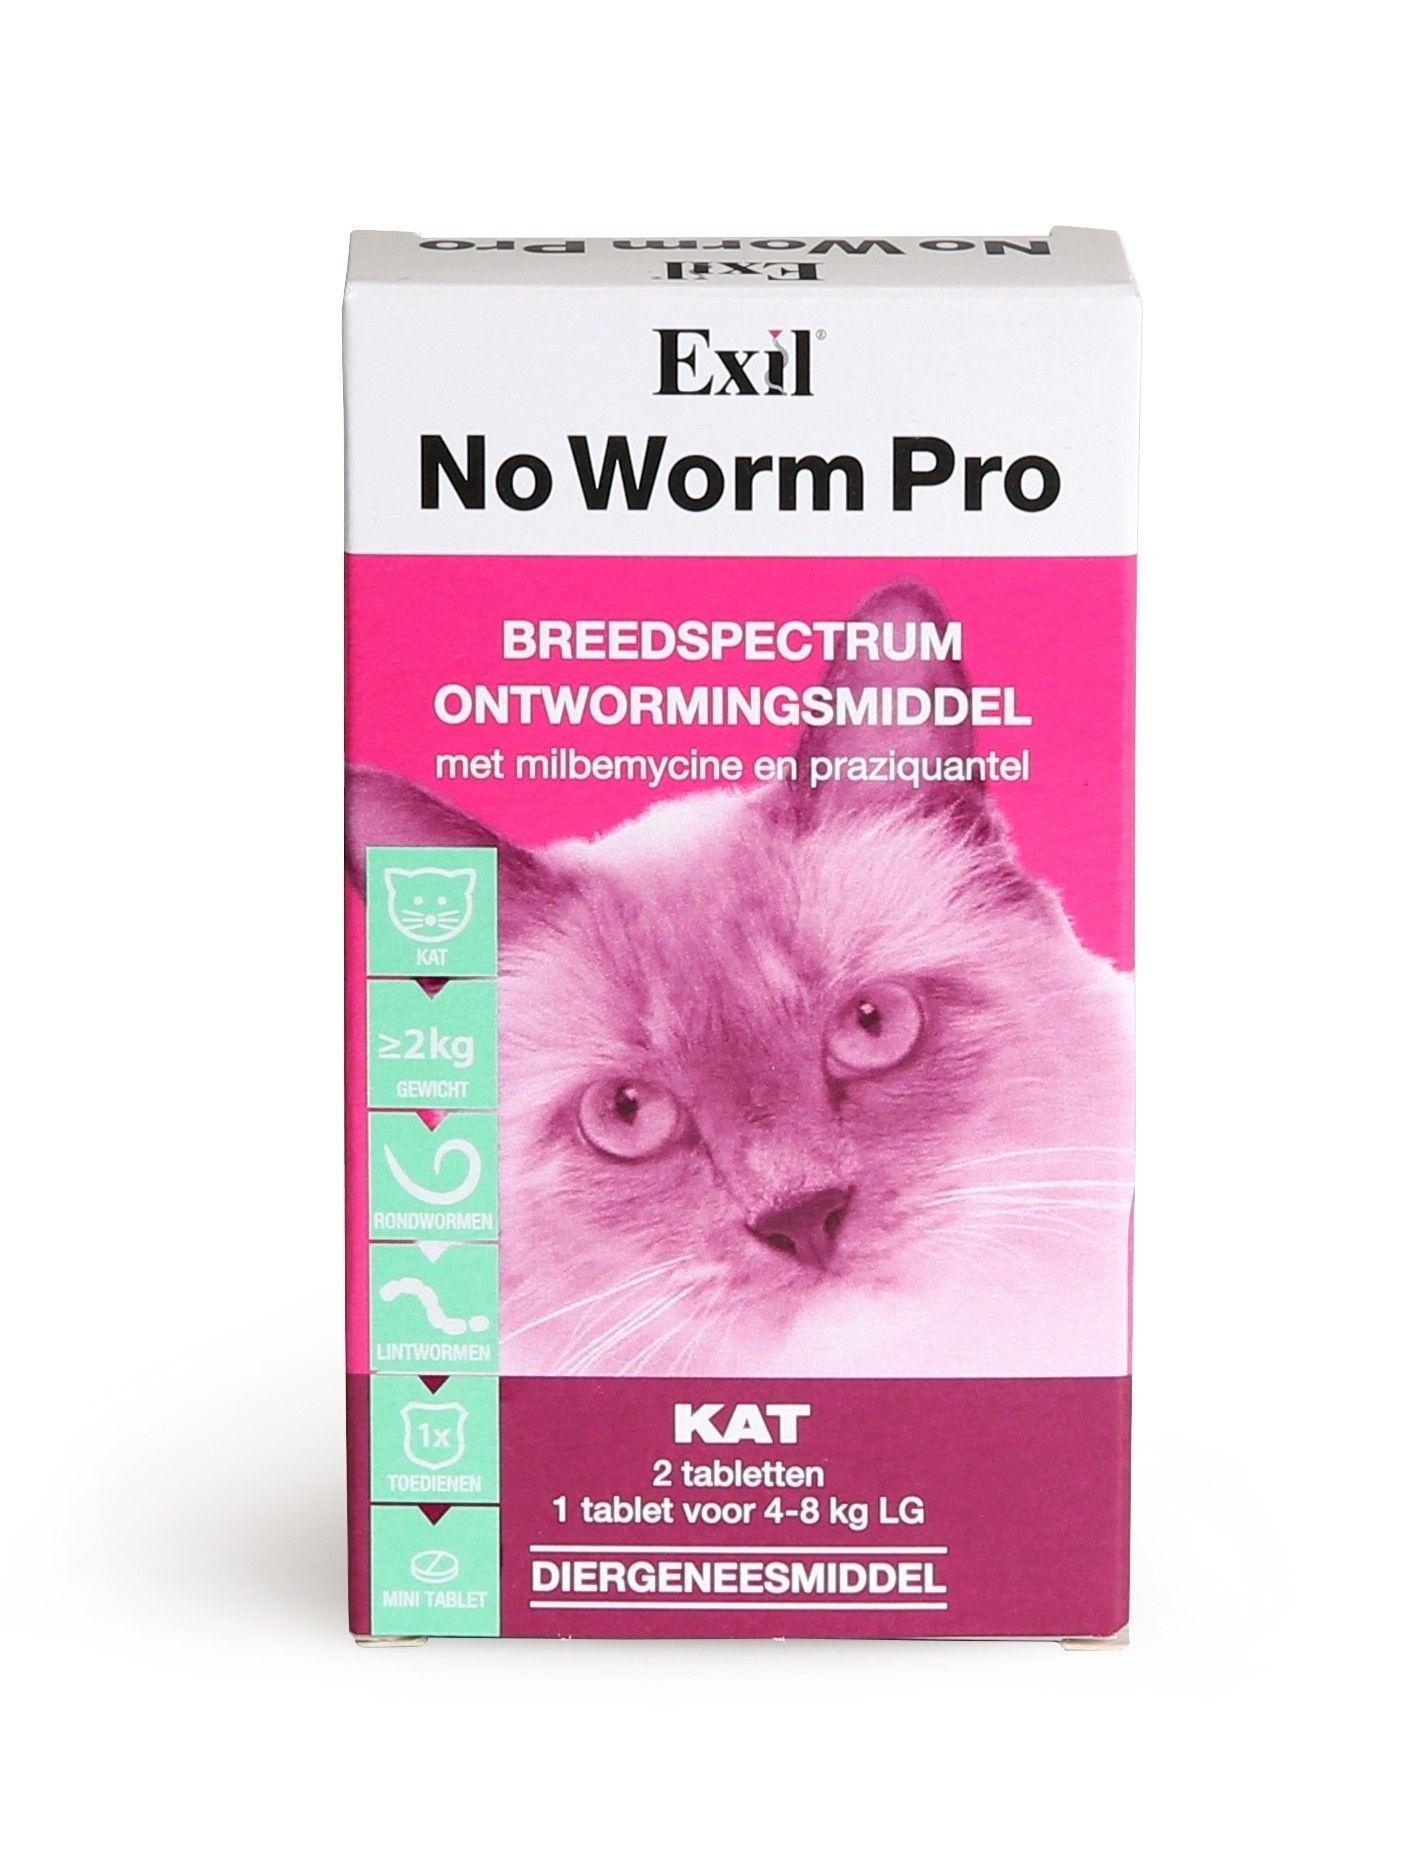 No Worm pro wormtabletten kat 2 stuks